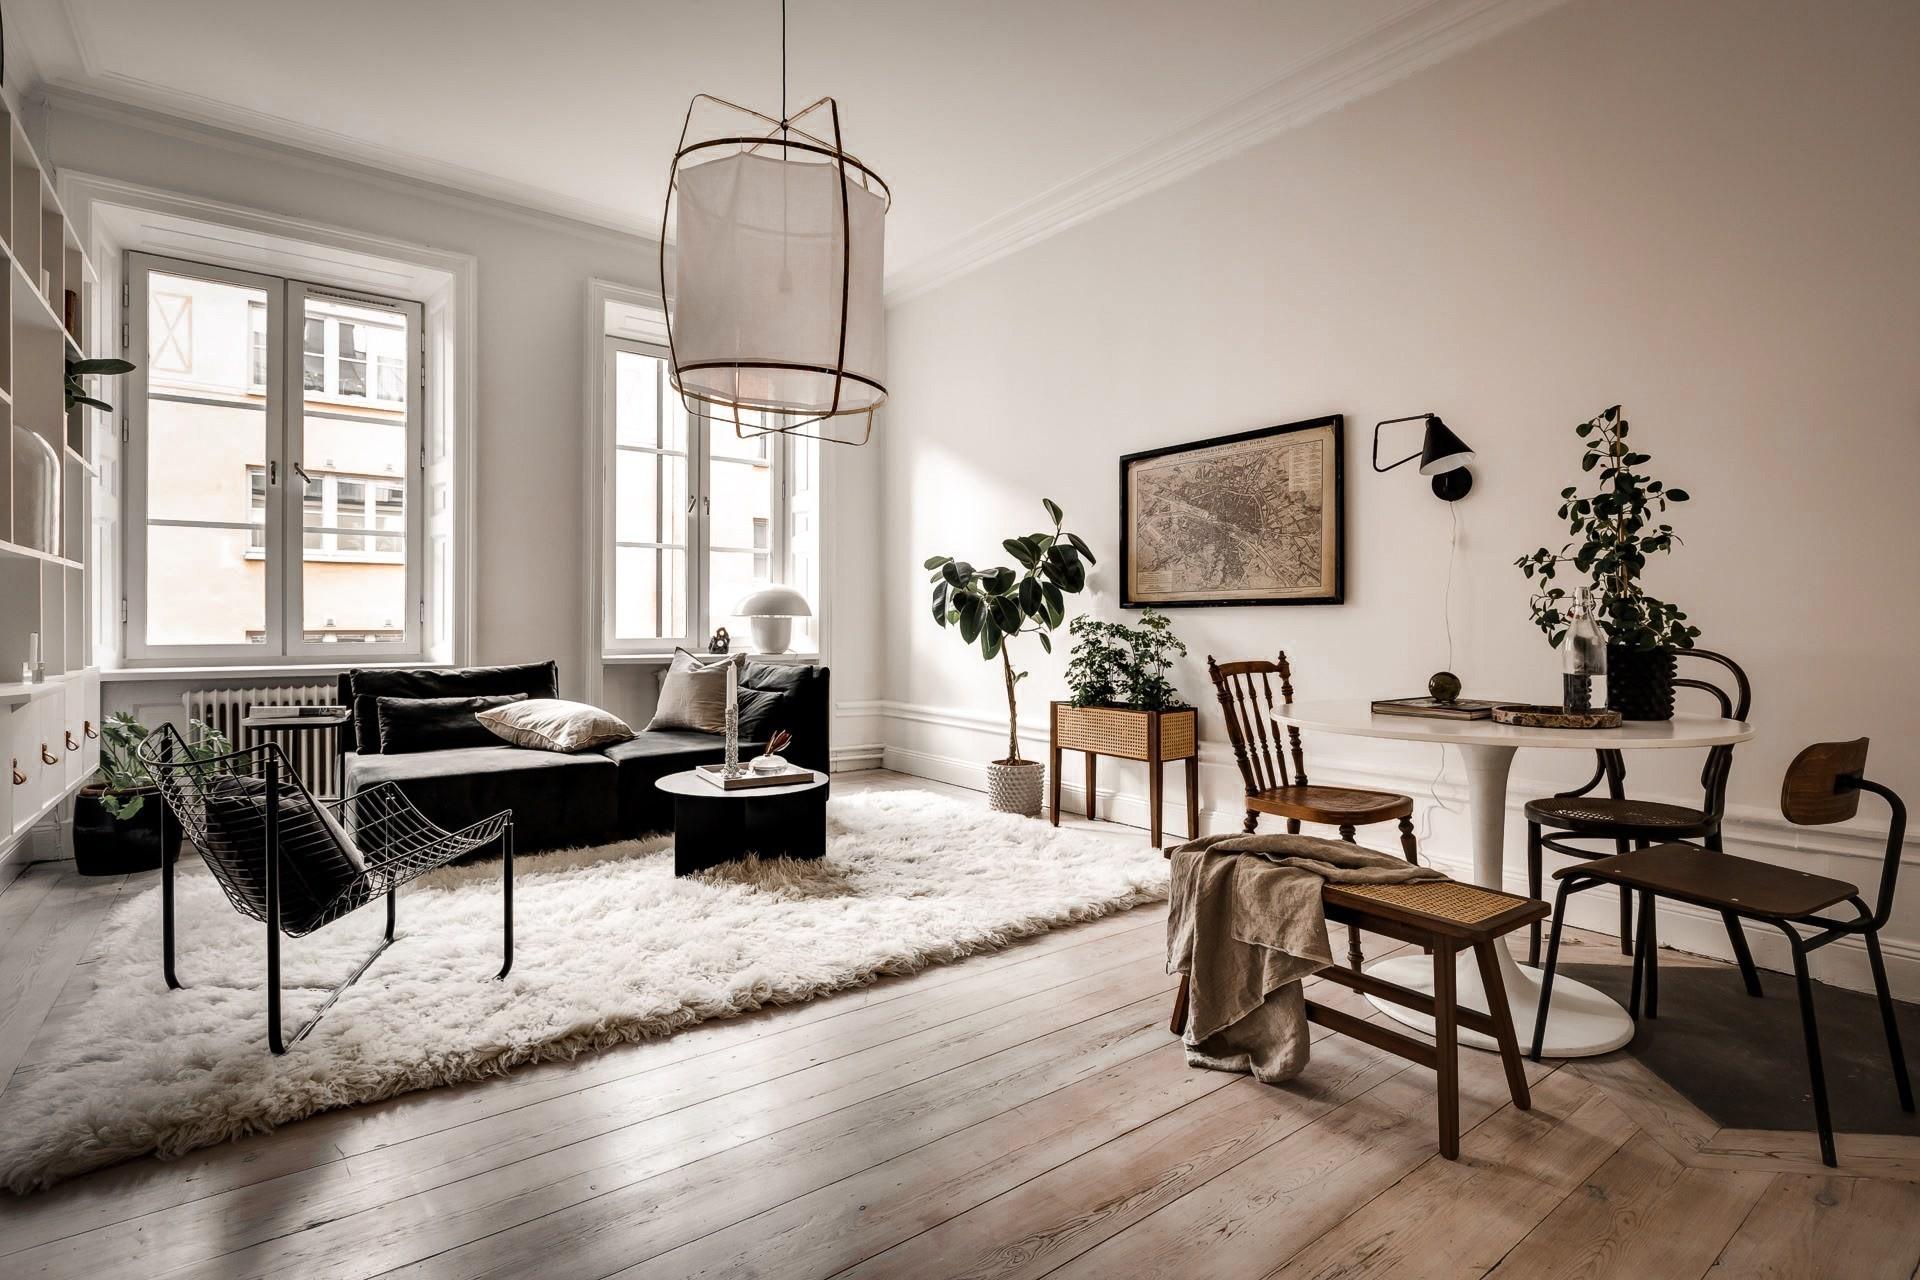 Bài trí nội thất tưởng đơn giản, ít ỏi, căn hộ nhỏ 44m2 ở Nga vẫn hiện lên vô cùng lộng lẫy - Ảnh 4.